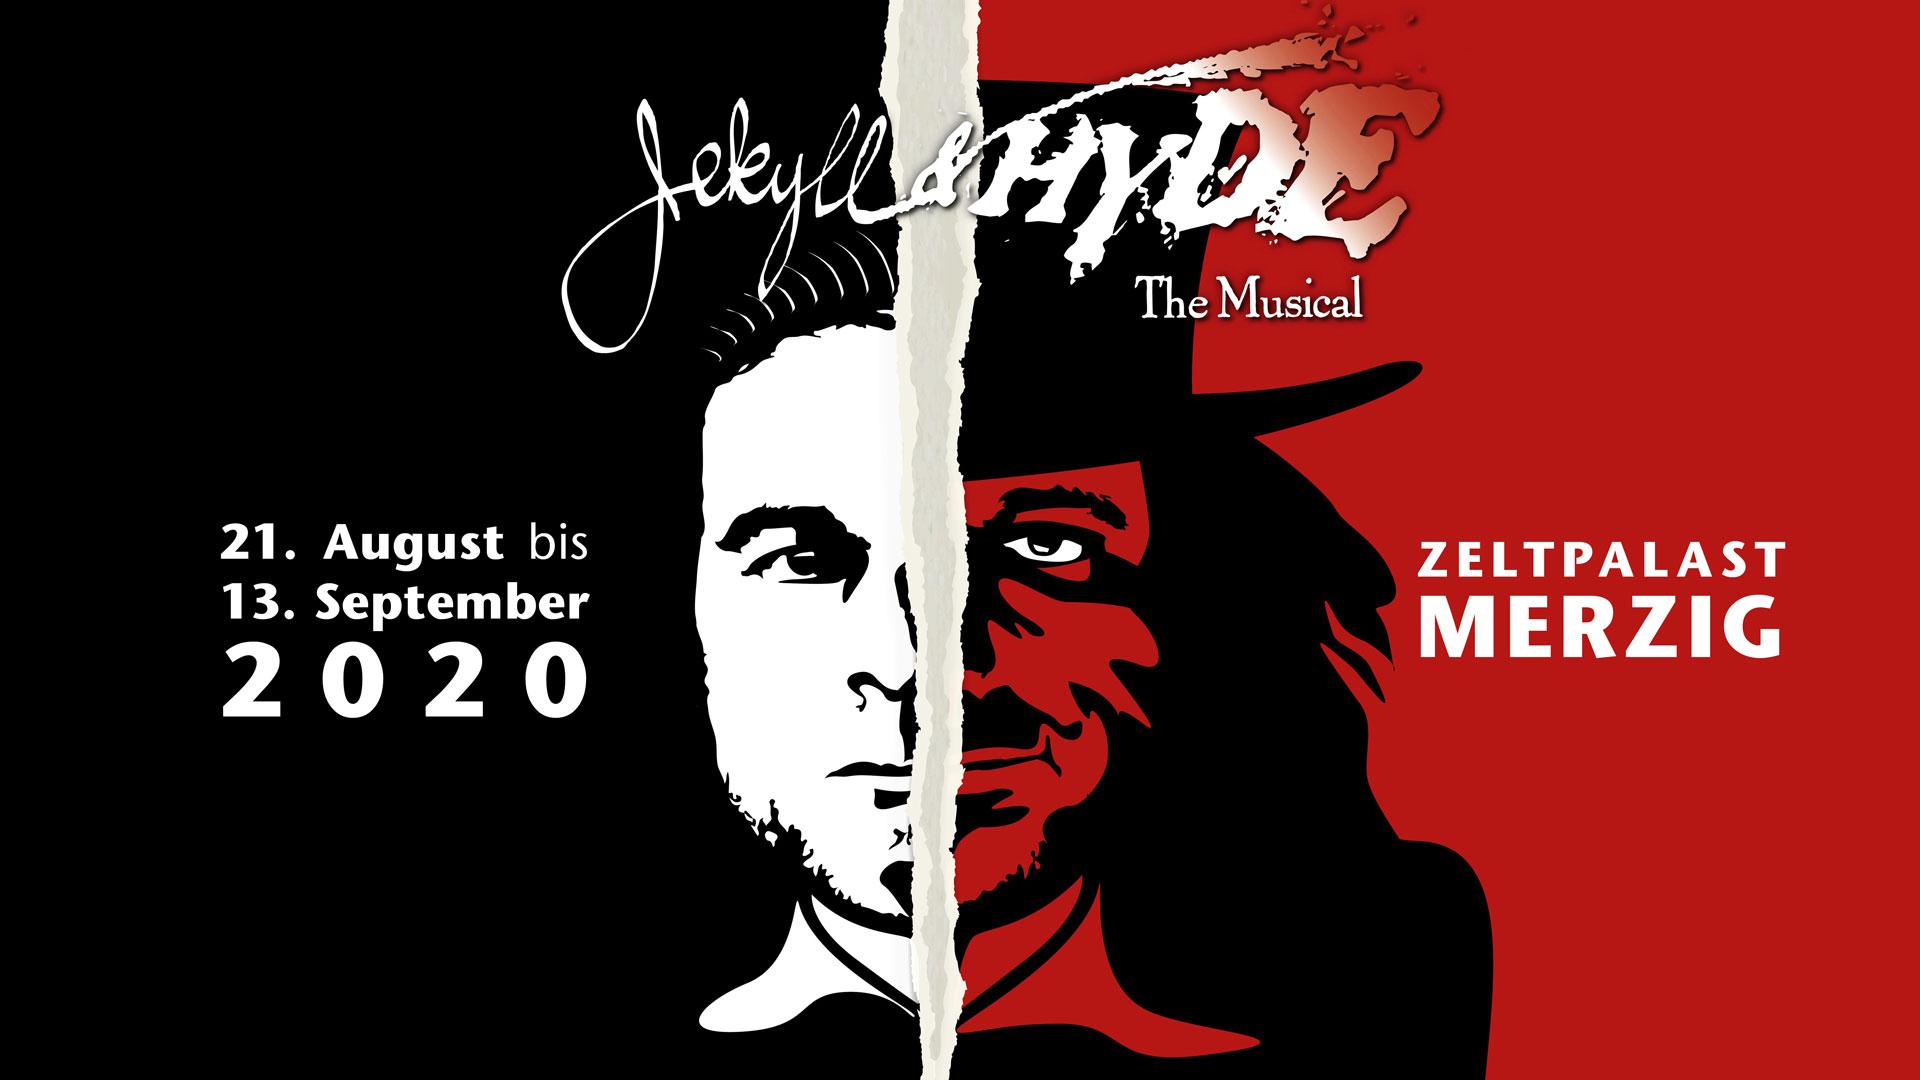 Jekyll & Hyde Musical im Zeltpalast